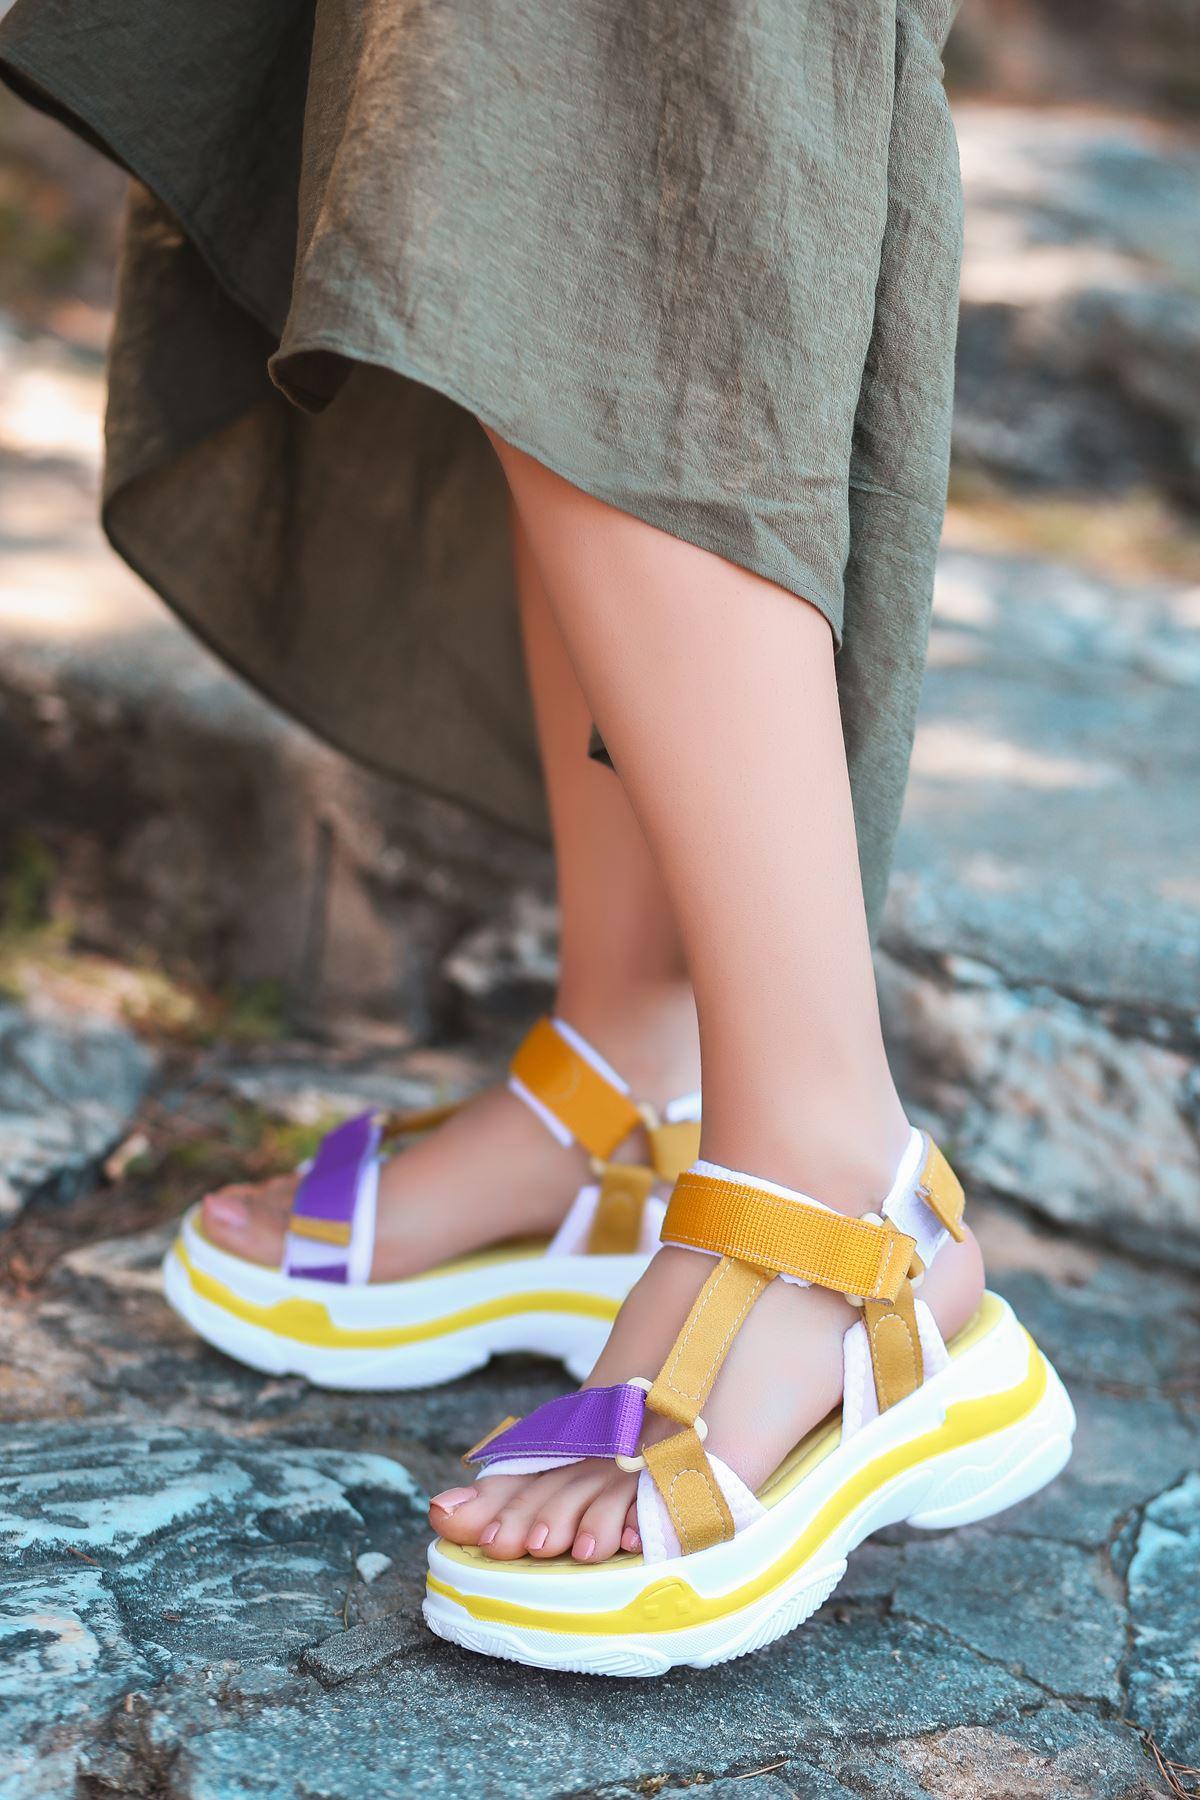 Leon Mor Turuncu Yüksek Taban Kadın Sandalet